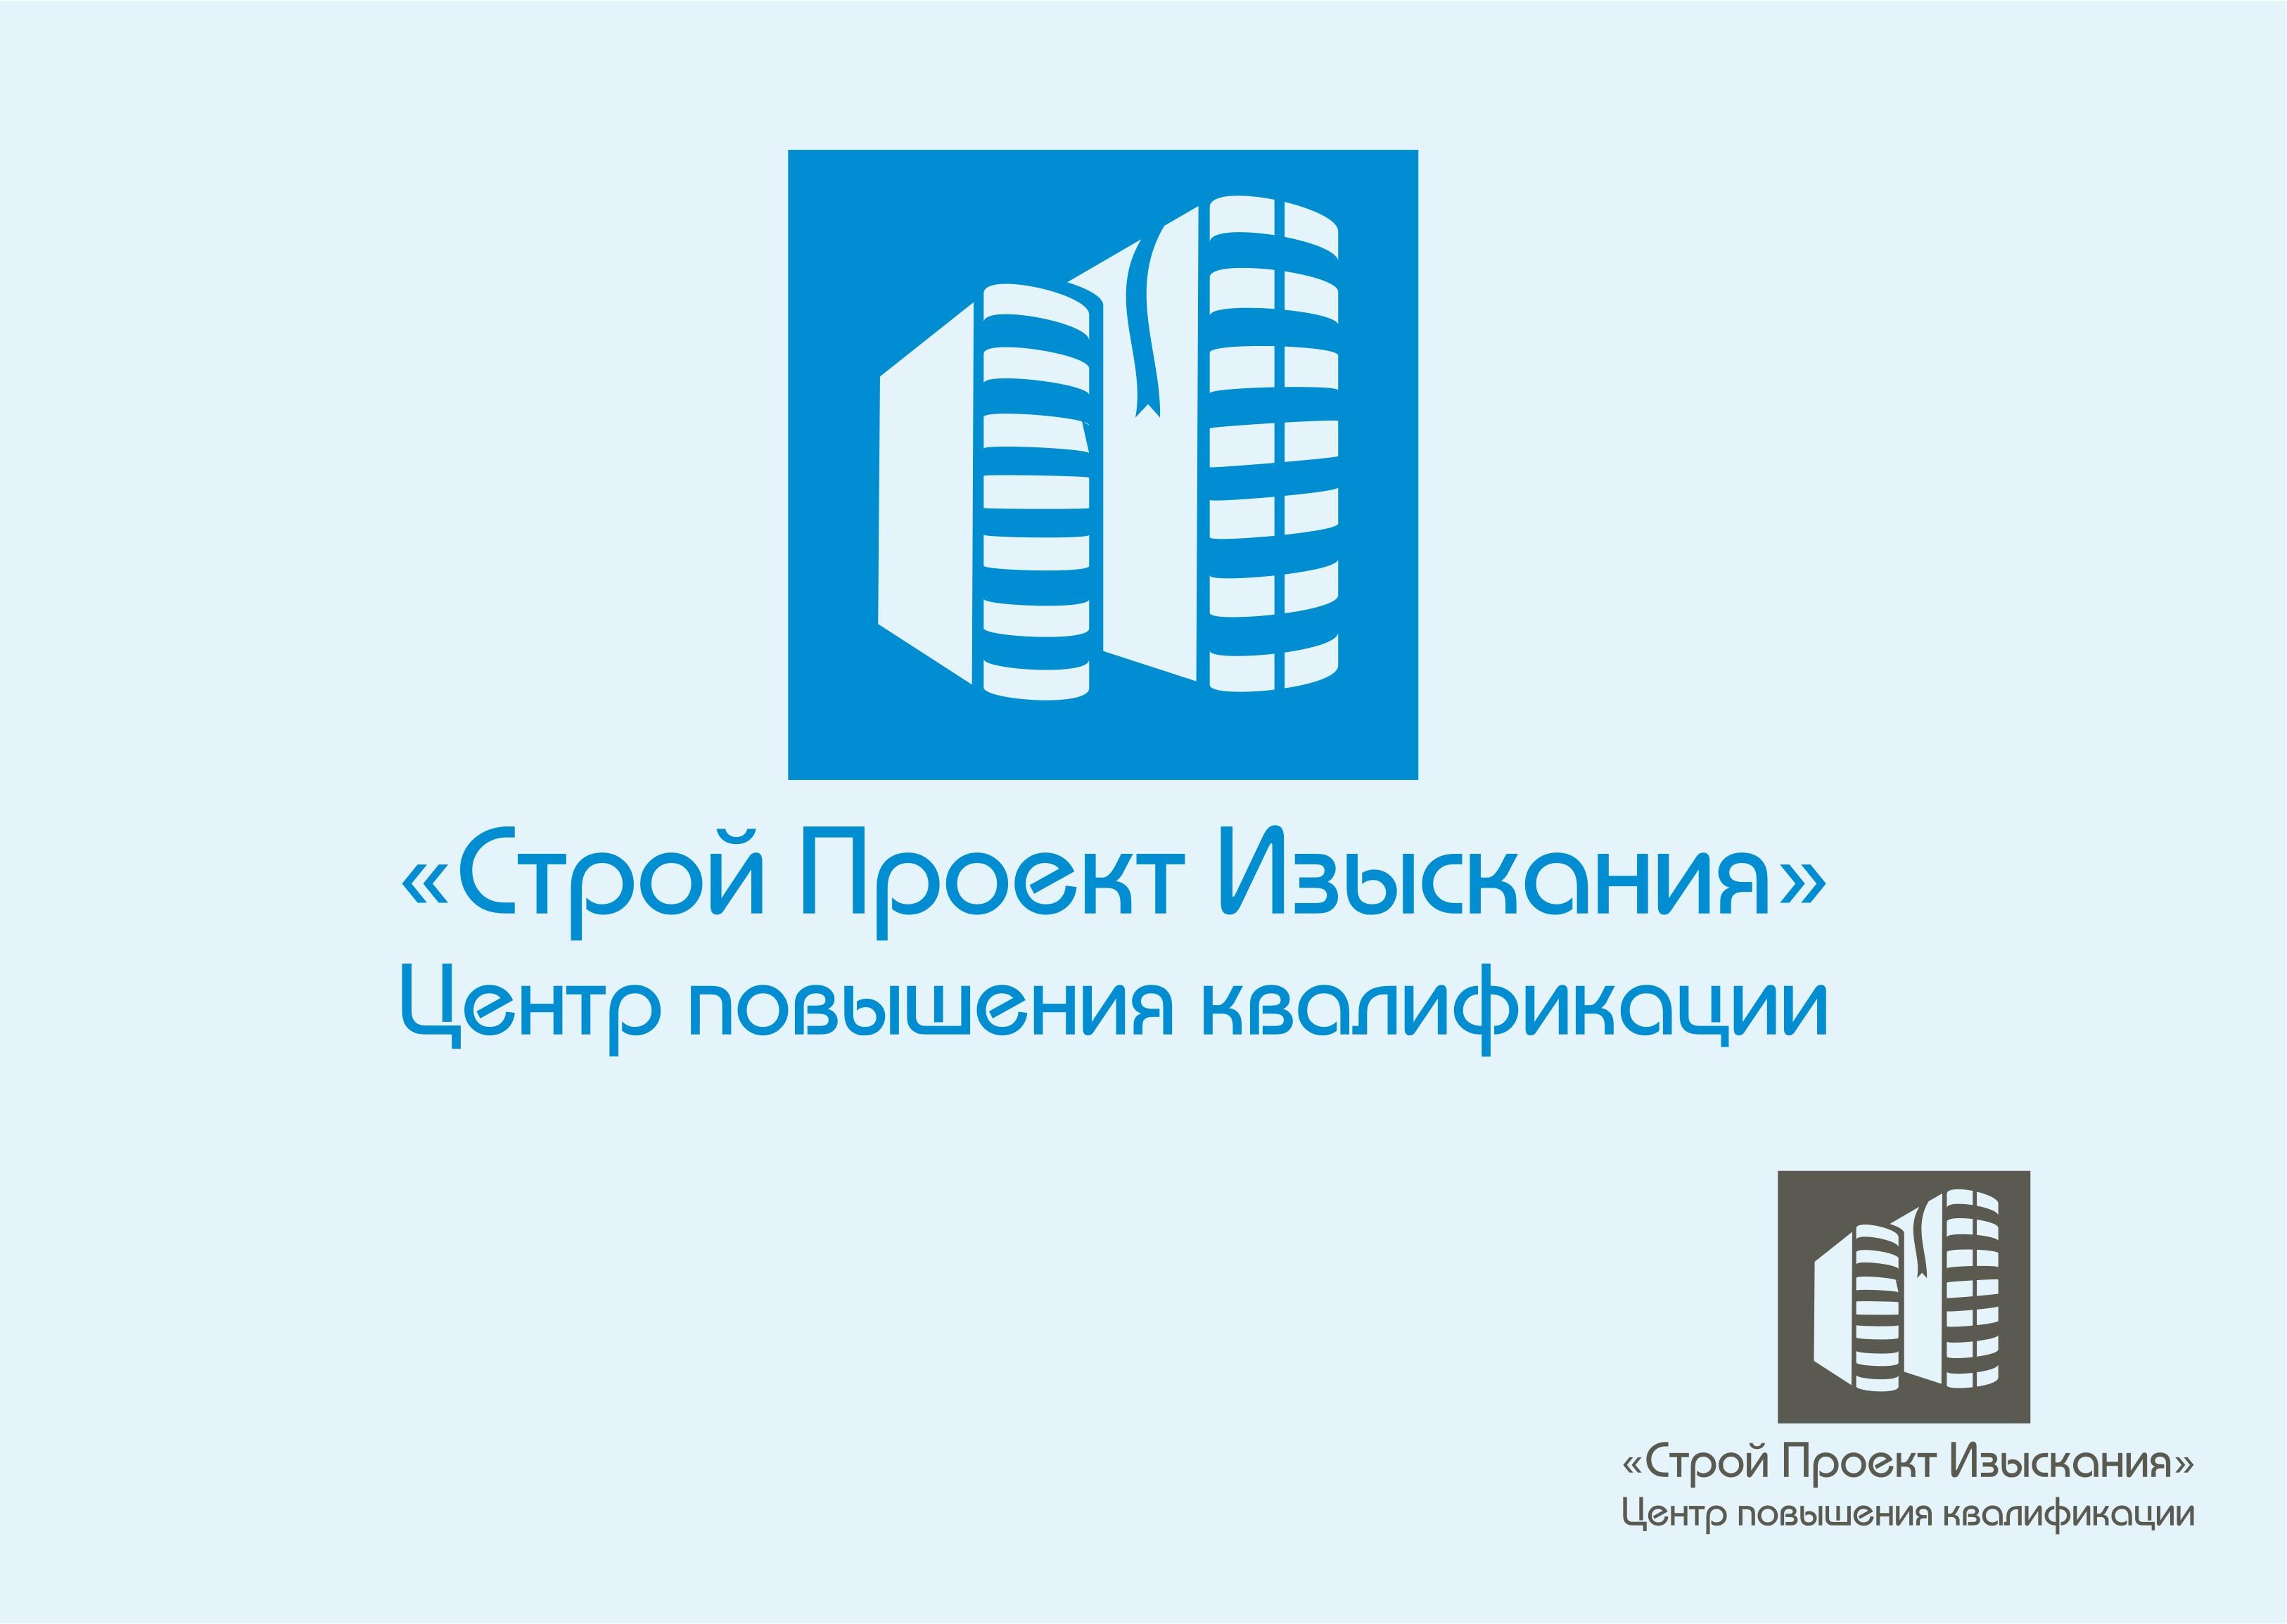 Разработка логотипа  фото f_4f3199d8a0670.jpg